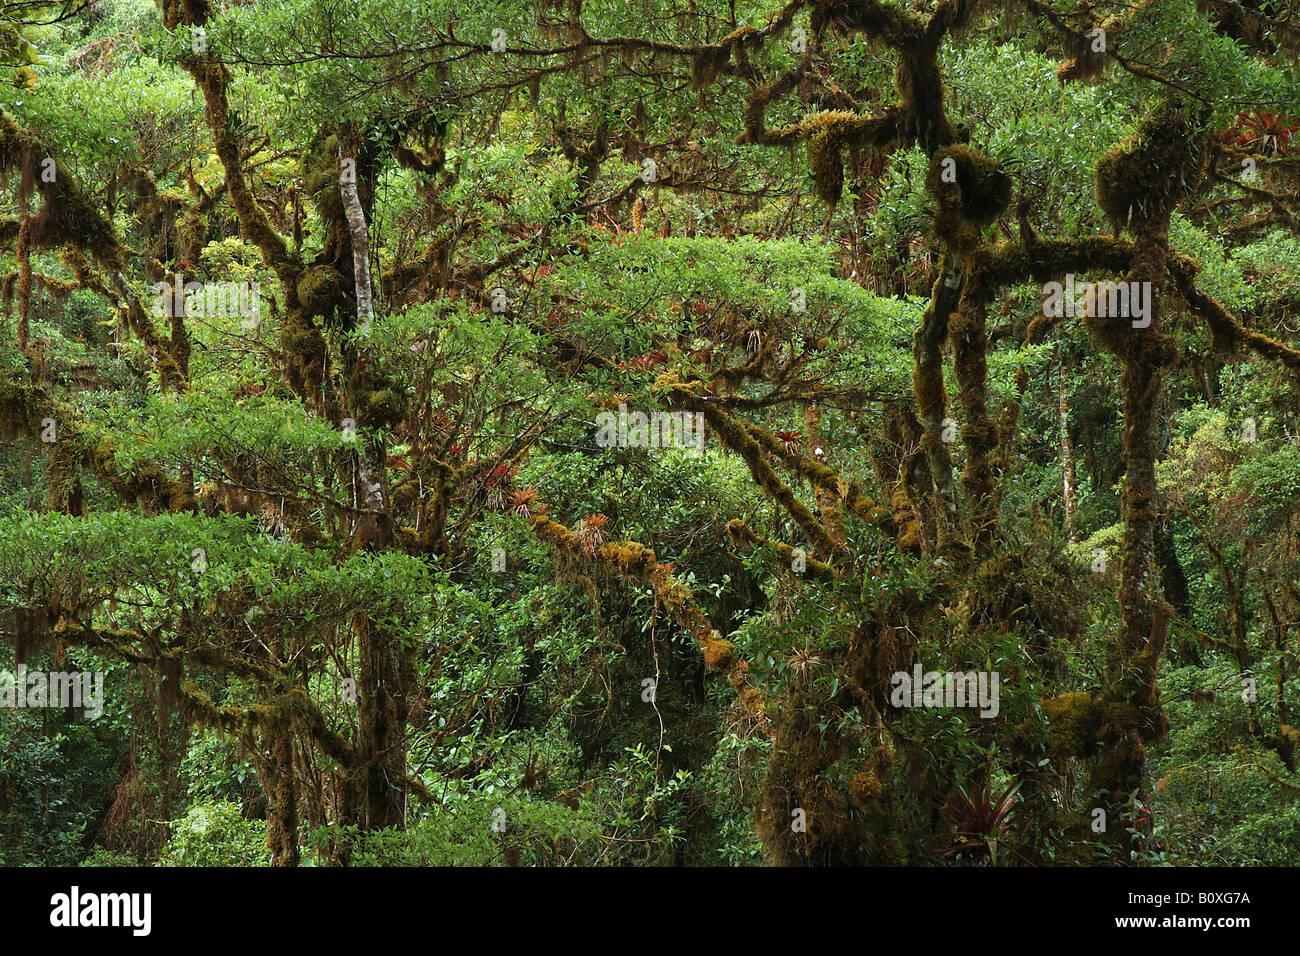 bromeliacee epiphitic plants Cerro de la Muerte Costarica rain forest foresta pluviale foresta tropicale foresta tropicale monta Stock Photo